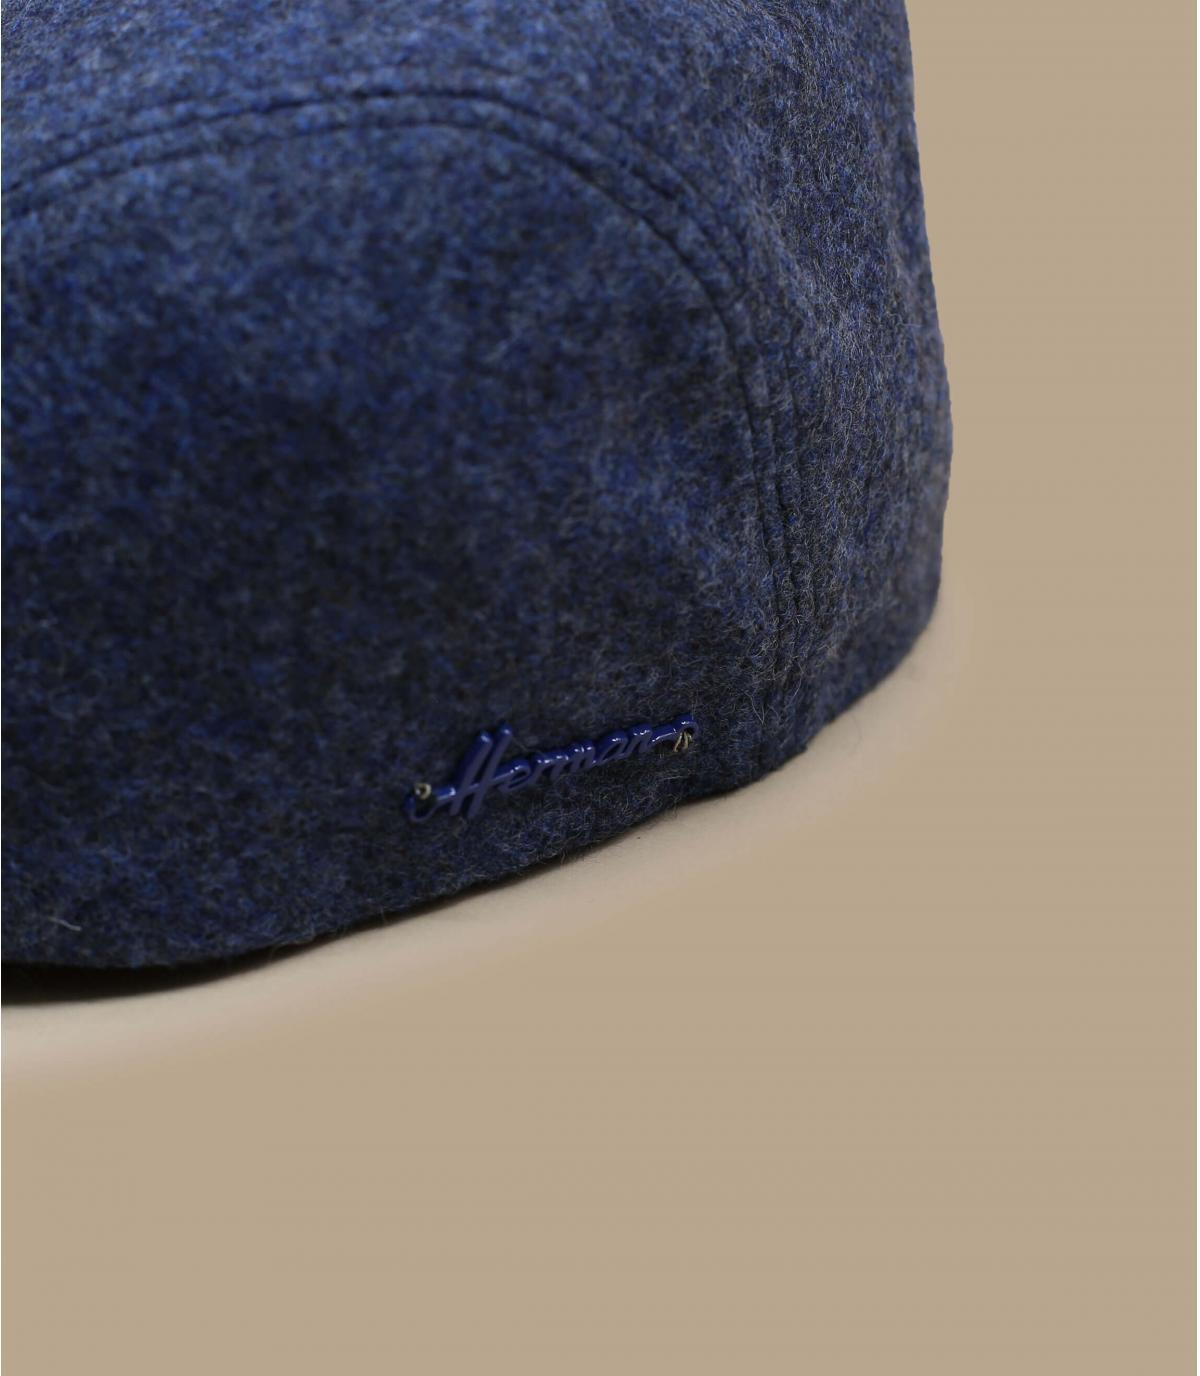 blauwhelm wol oorschelp